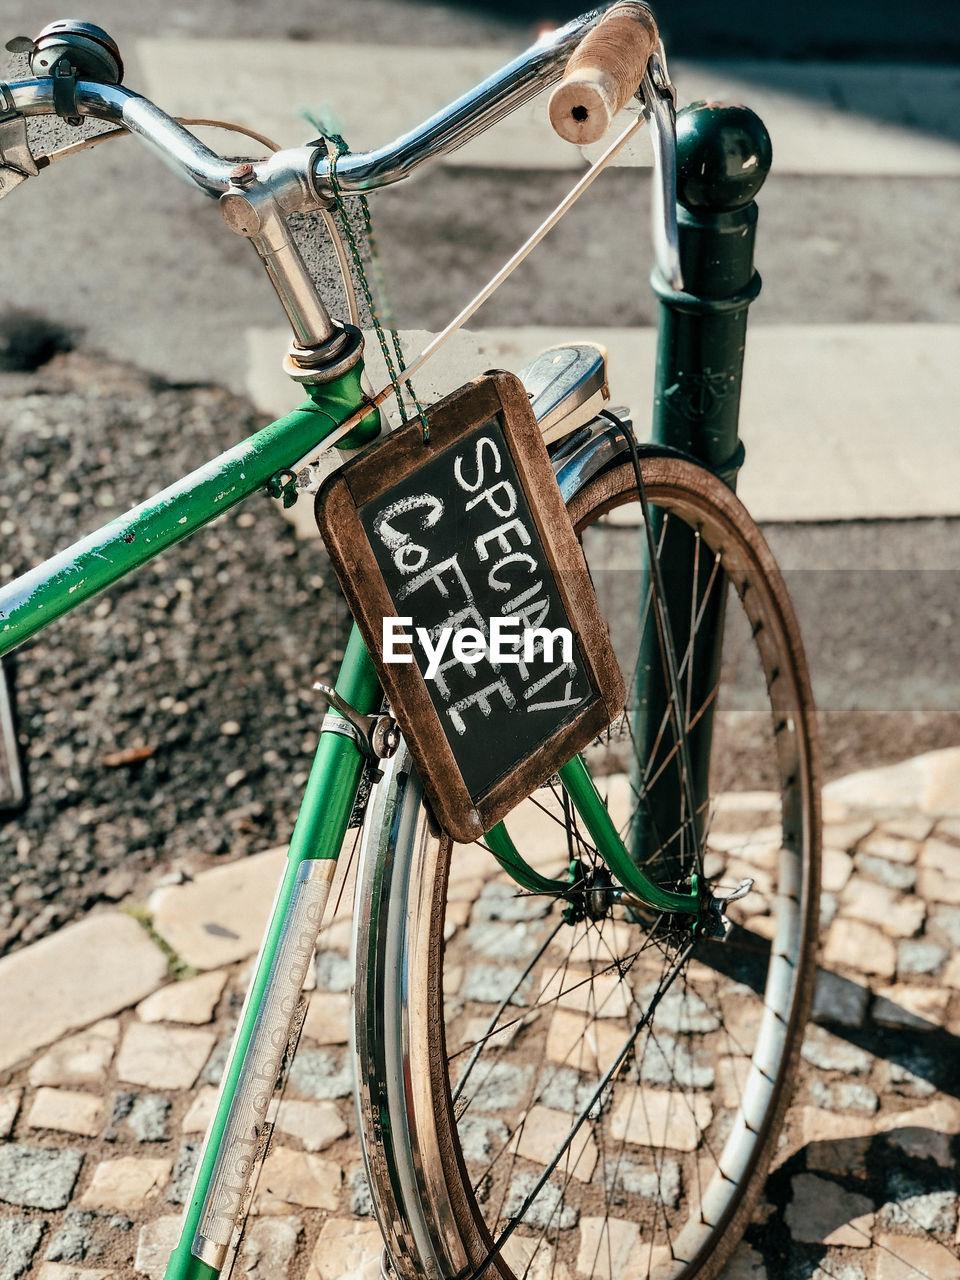 Coffeeshop bicycle